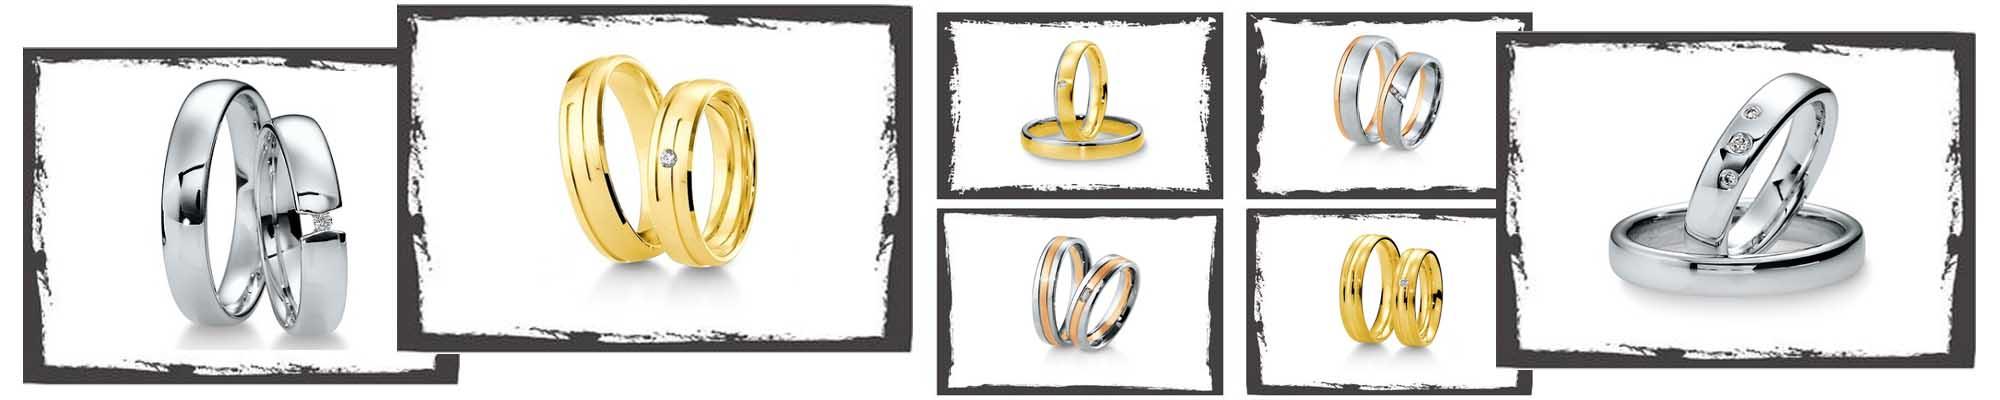 Gouden trouwringen kopen bij TrouwringenLounge